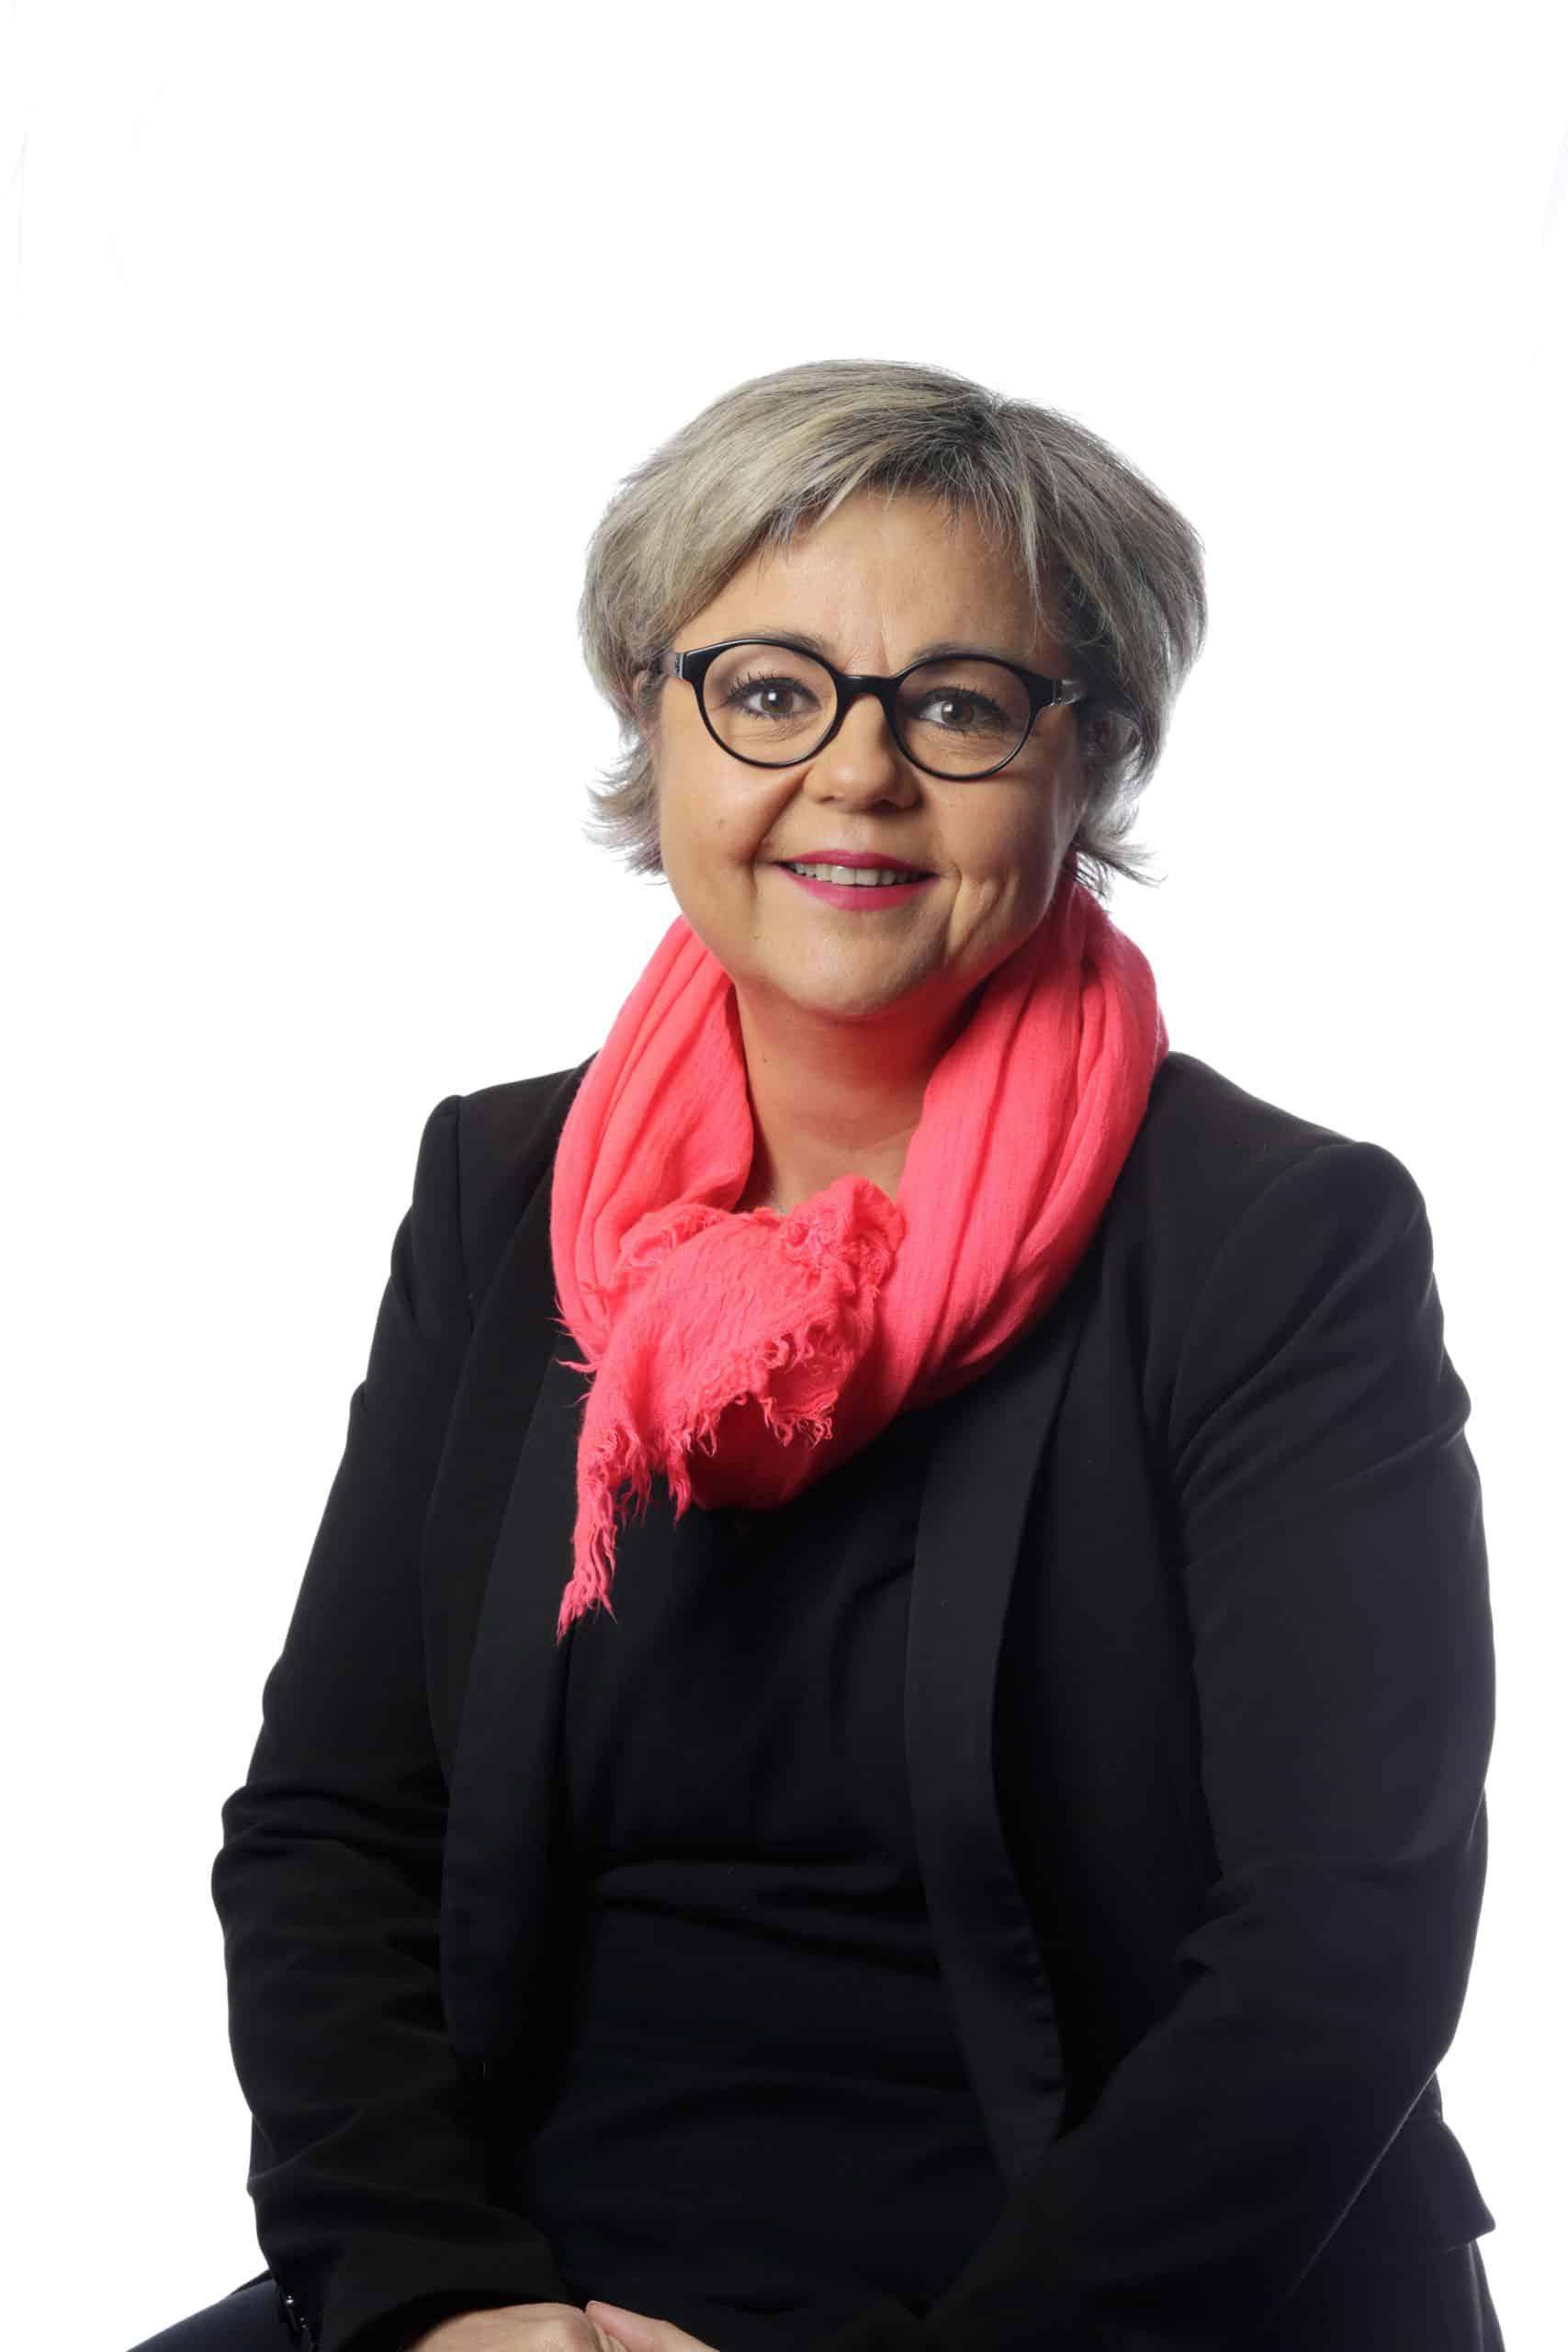 Géraldine Béalu, Vice-Présidente de la commission Education-Formartion tout au long de la vie